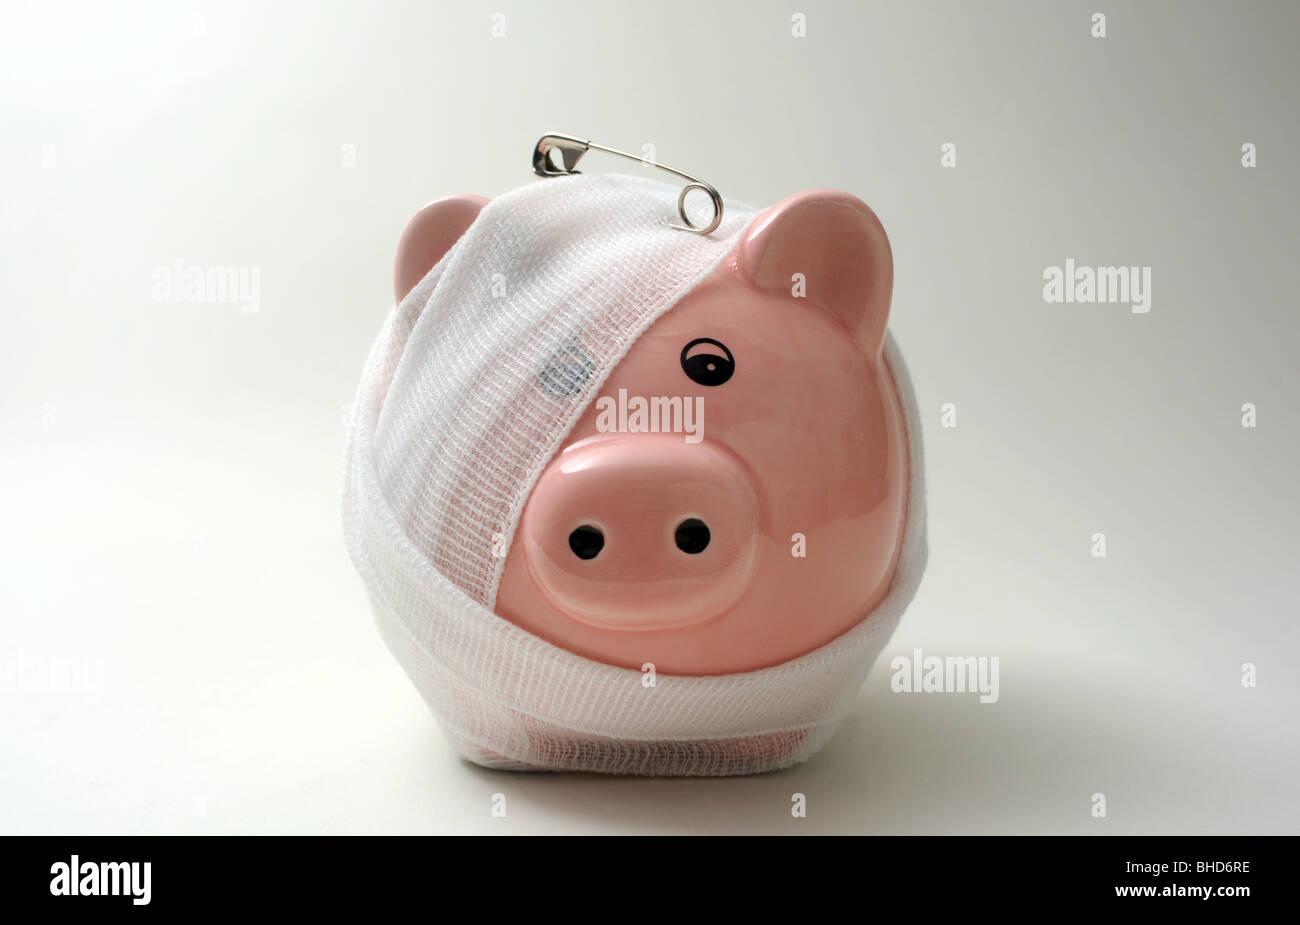 Bendato/feriti PIGGYBANK CON PERNO DI SICUREZZA RE finanziare prestiti CASSA RISPARMIO DI DENARO SALVADANAIO banche Immagini Stock